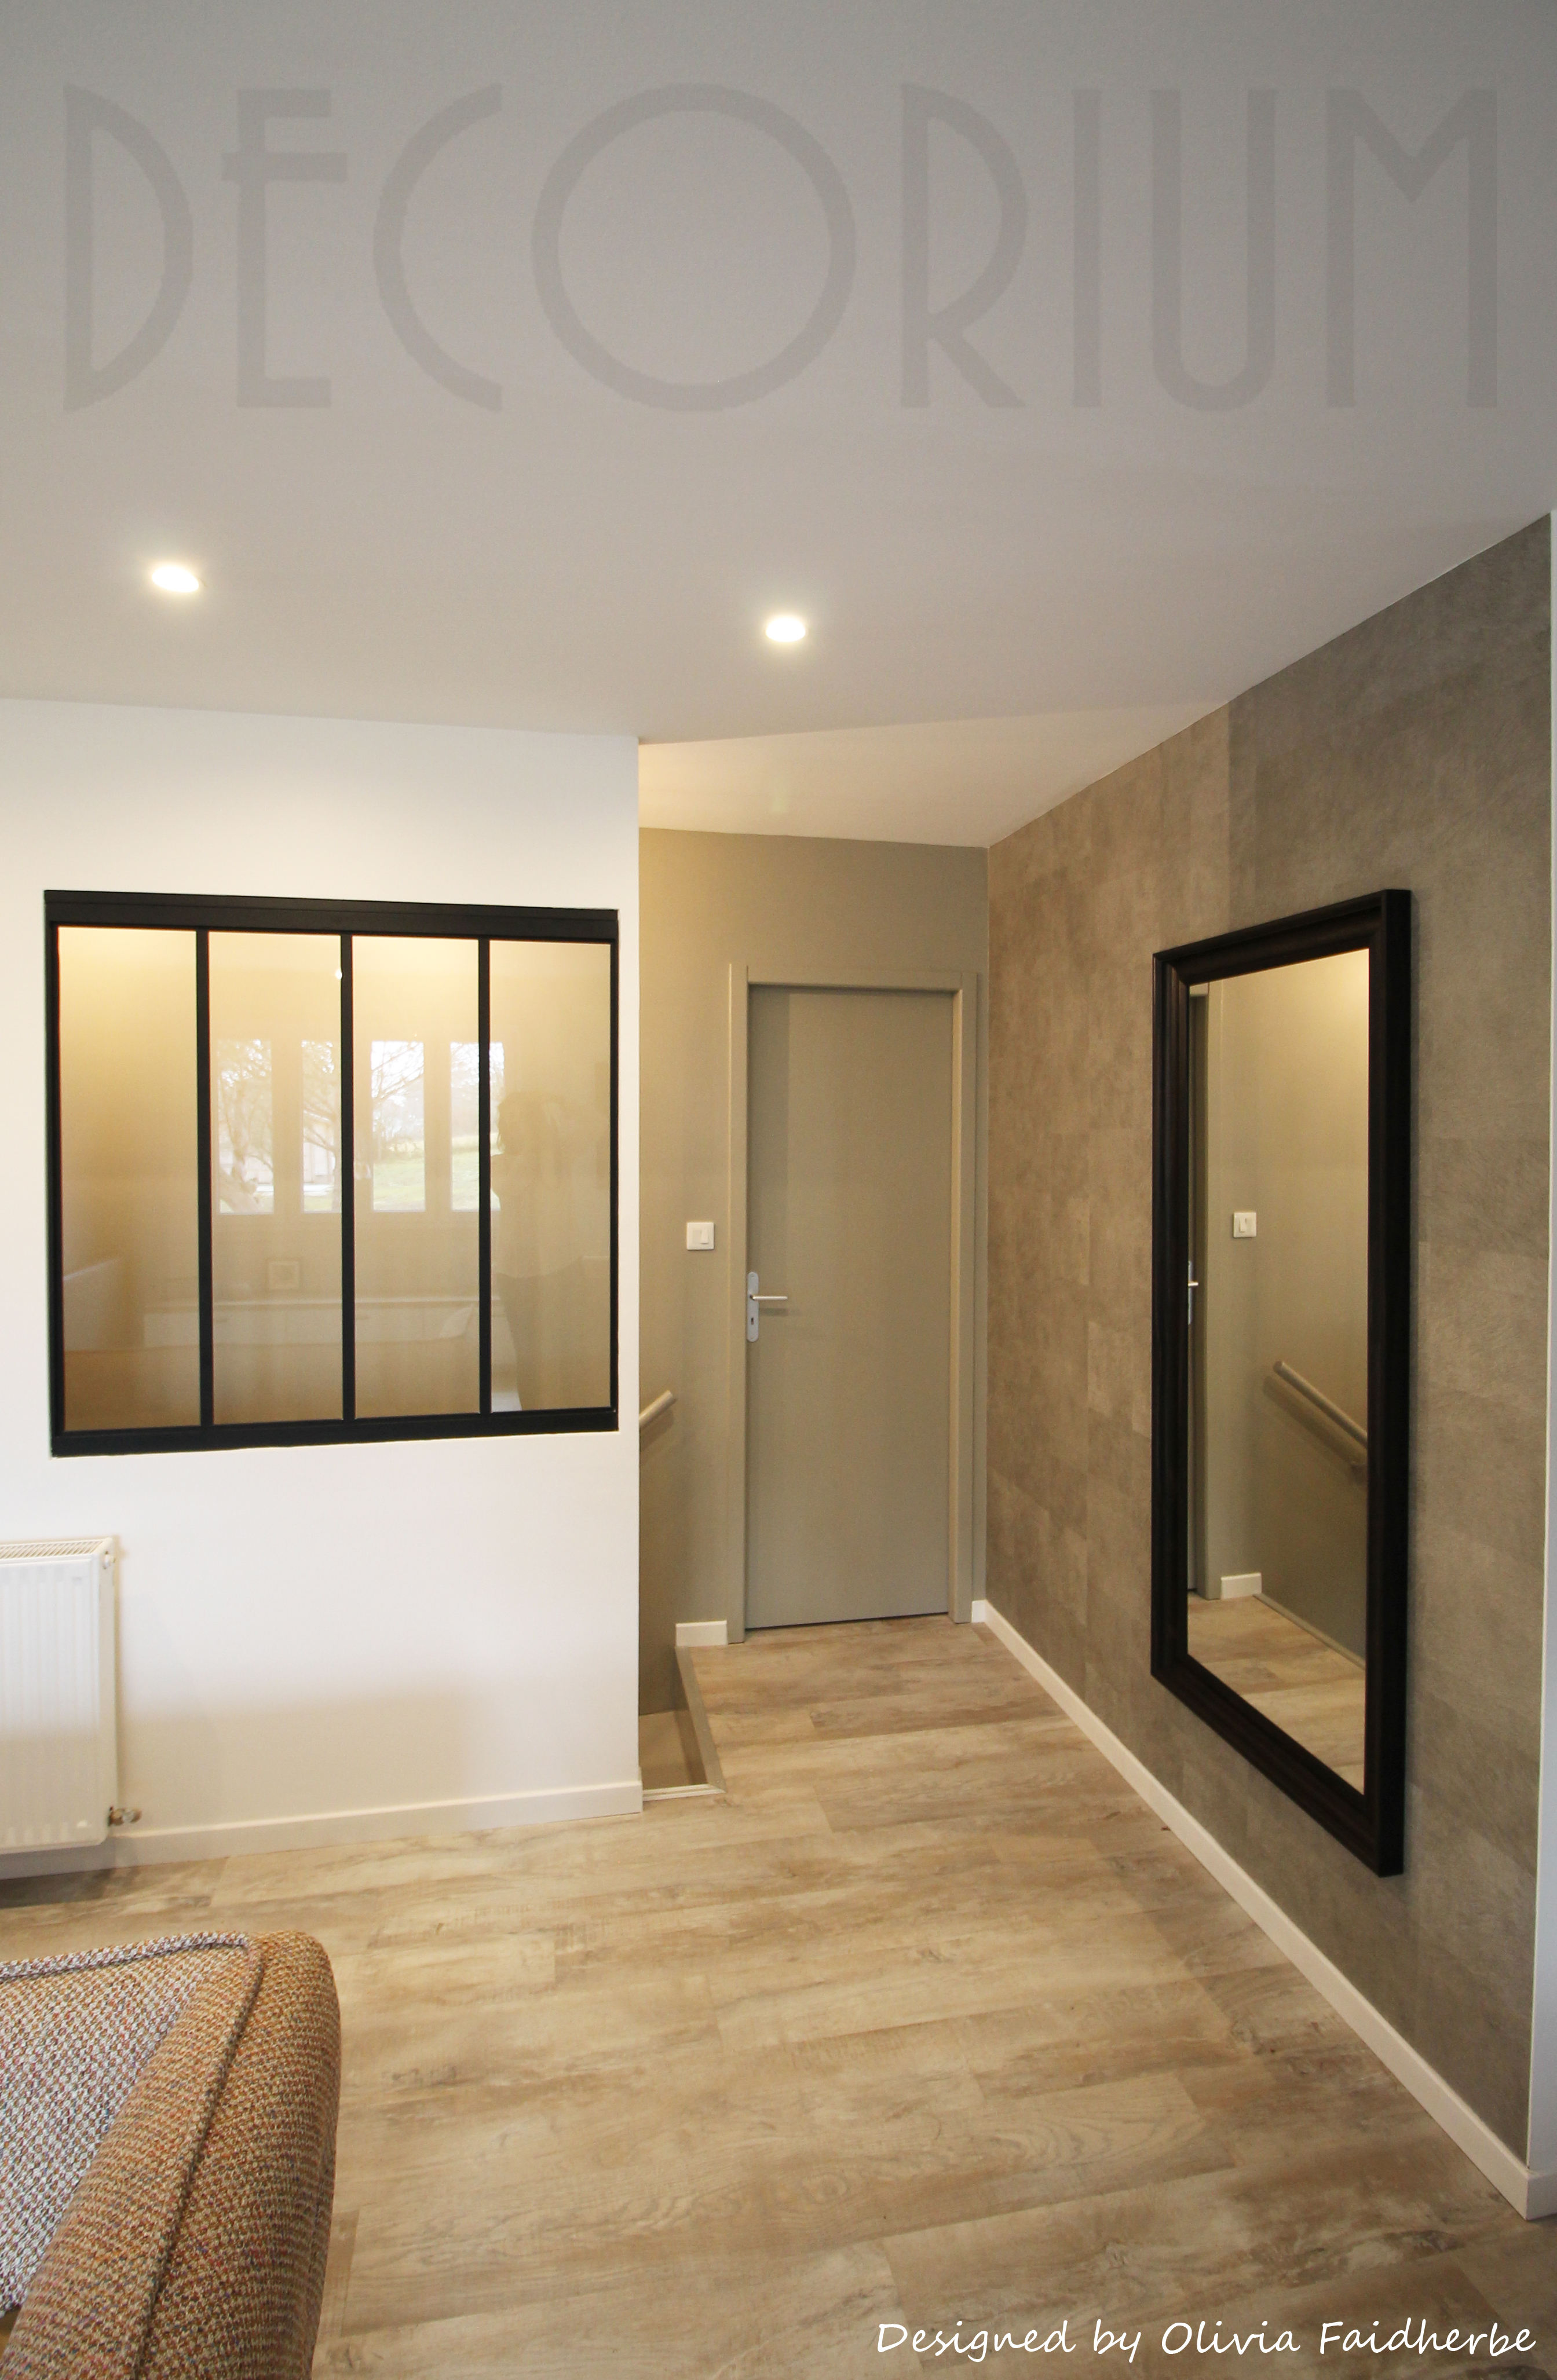 rénovation_maison_années_60_Olivia_Faidh